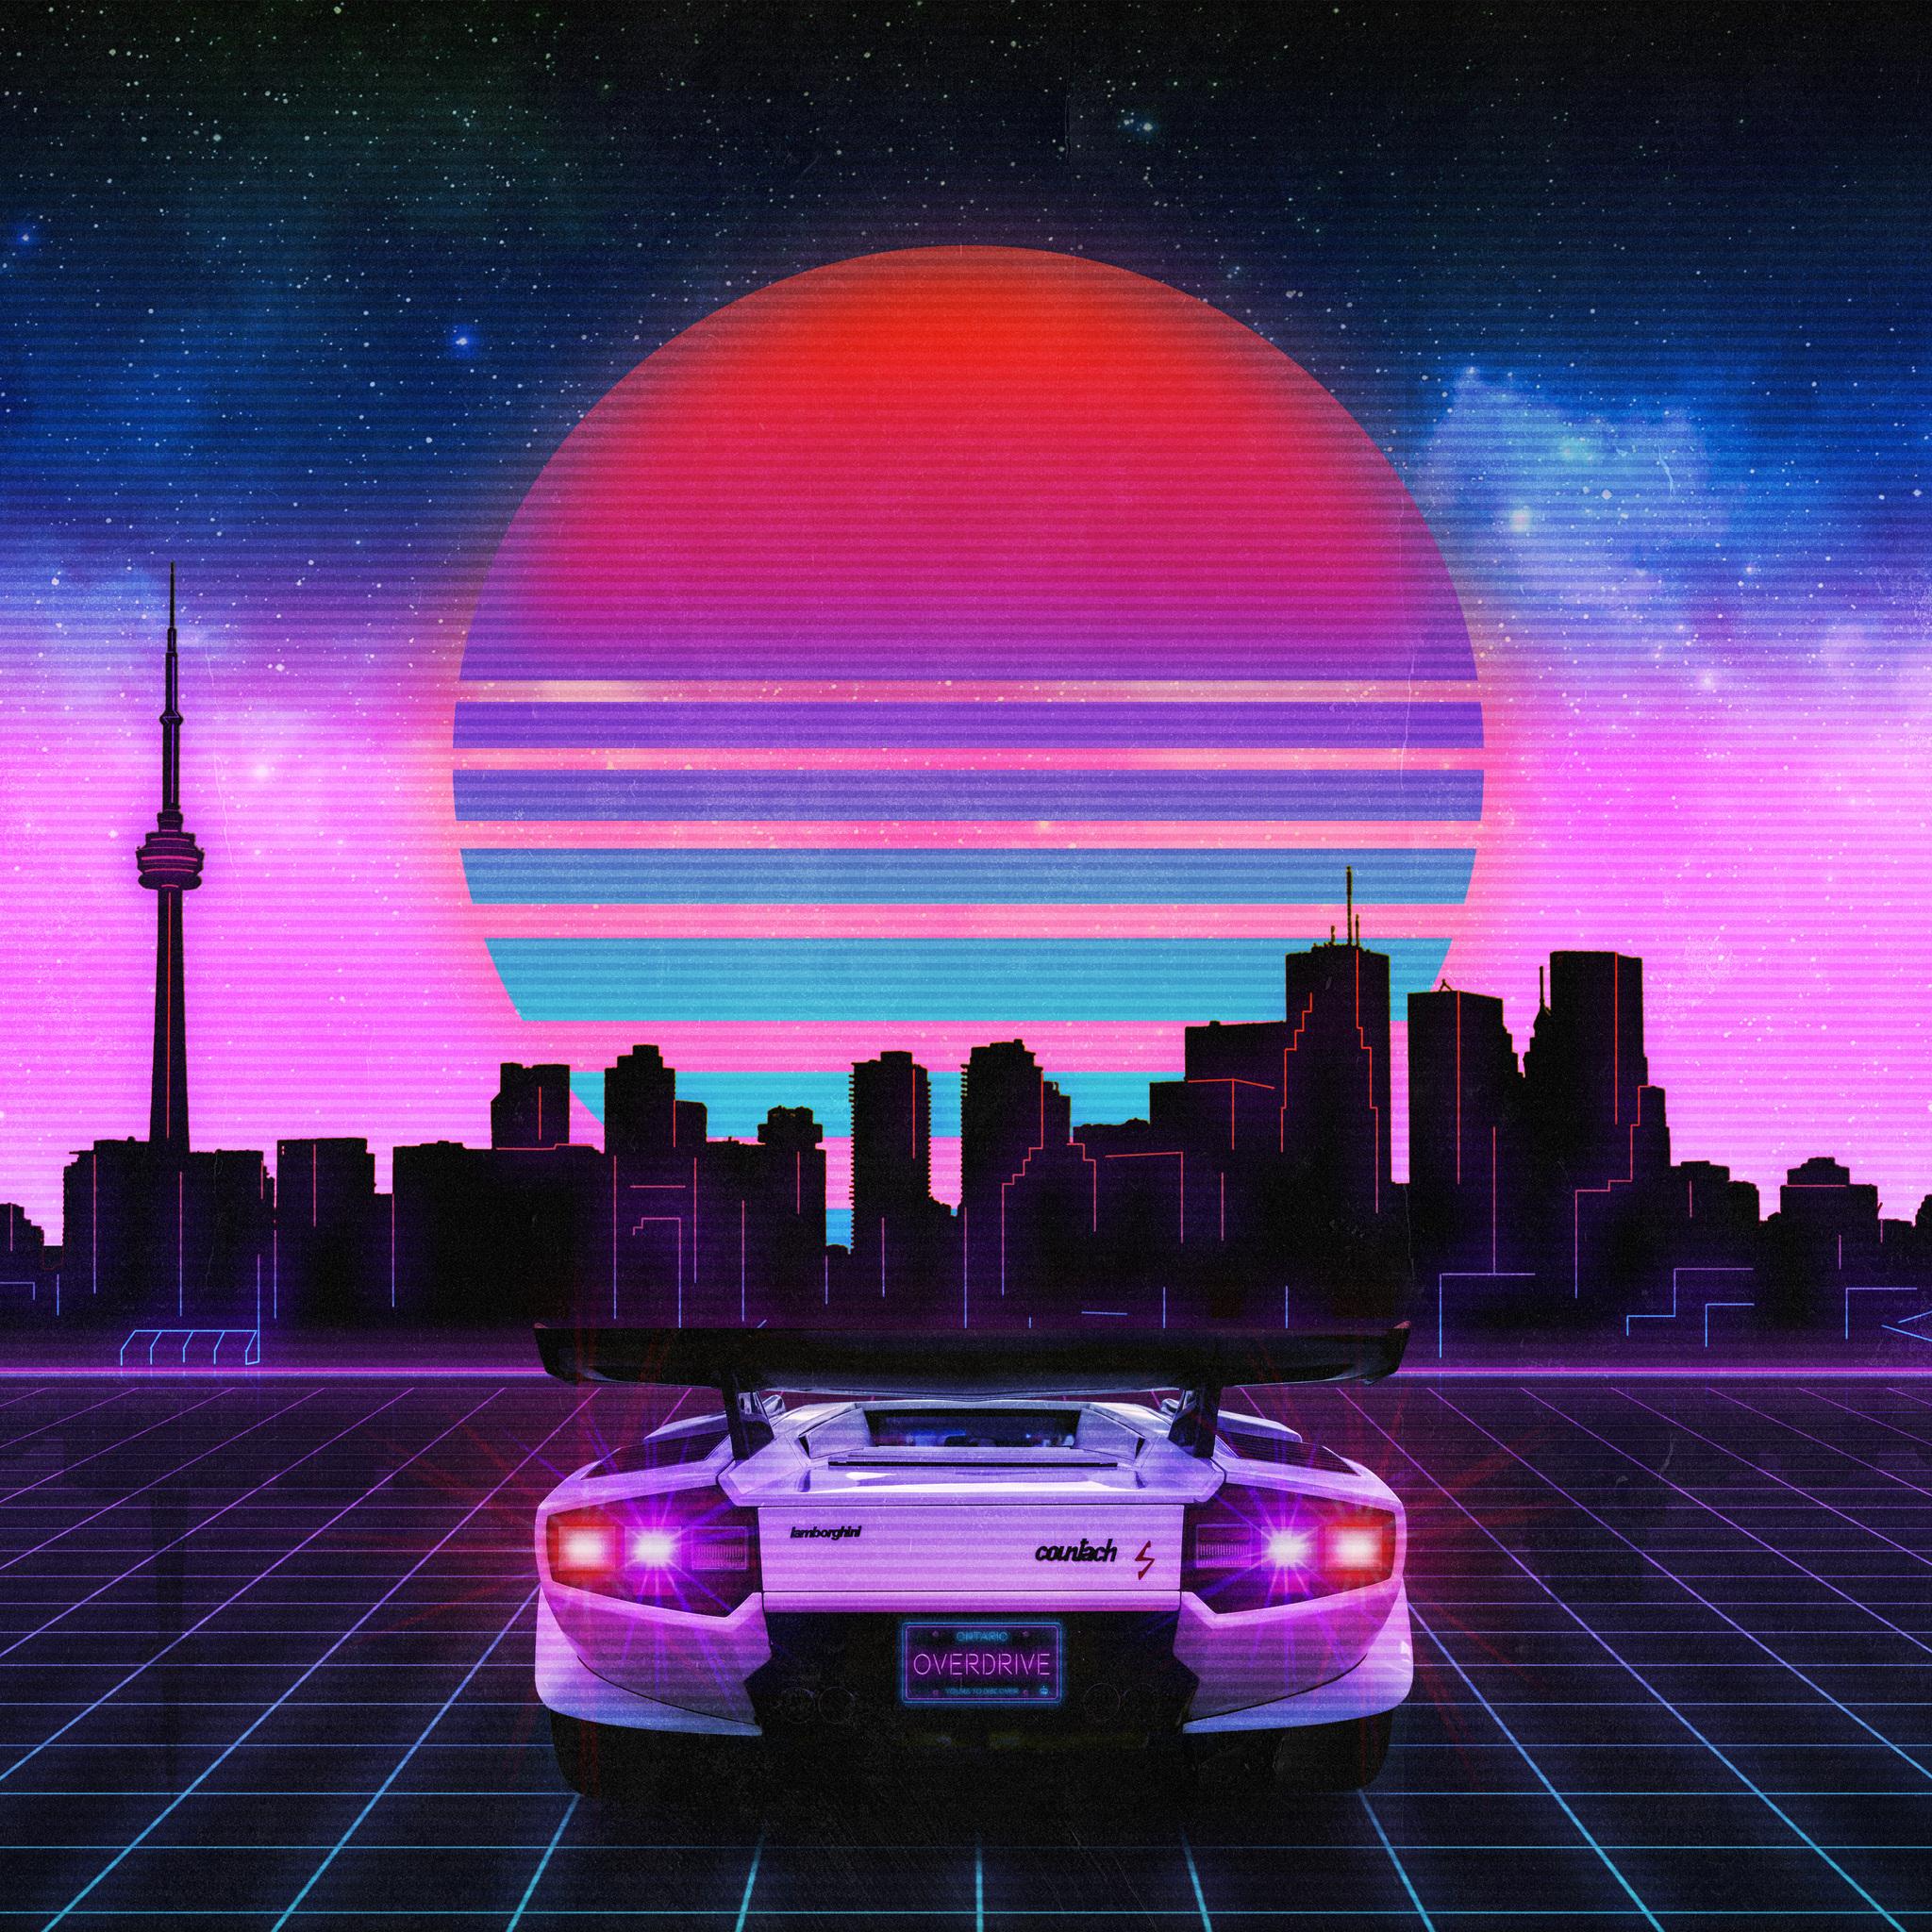 2048x2048 Retro Wave Lamborghini Neon City 5k Ipad Air HD ...